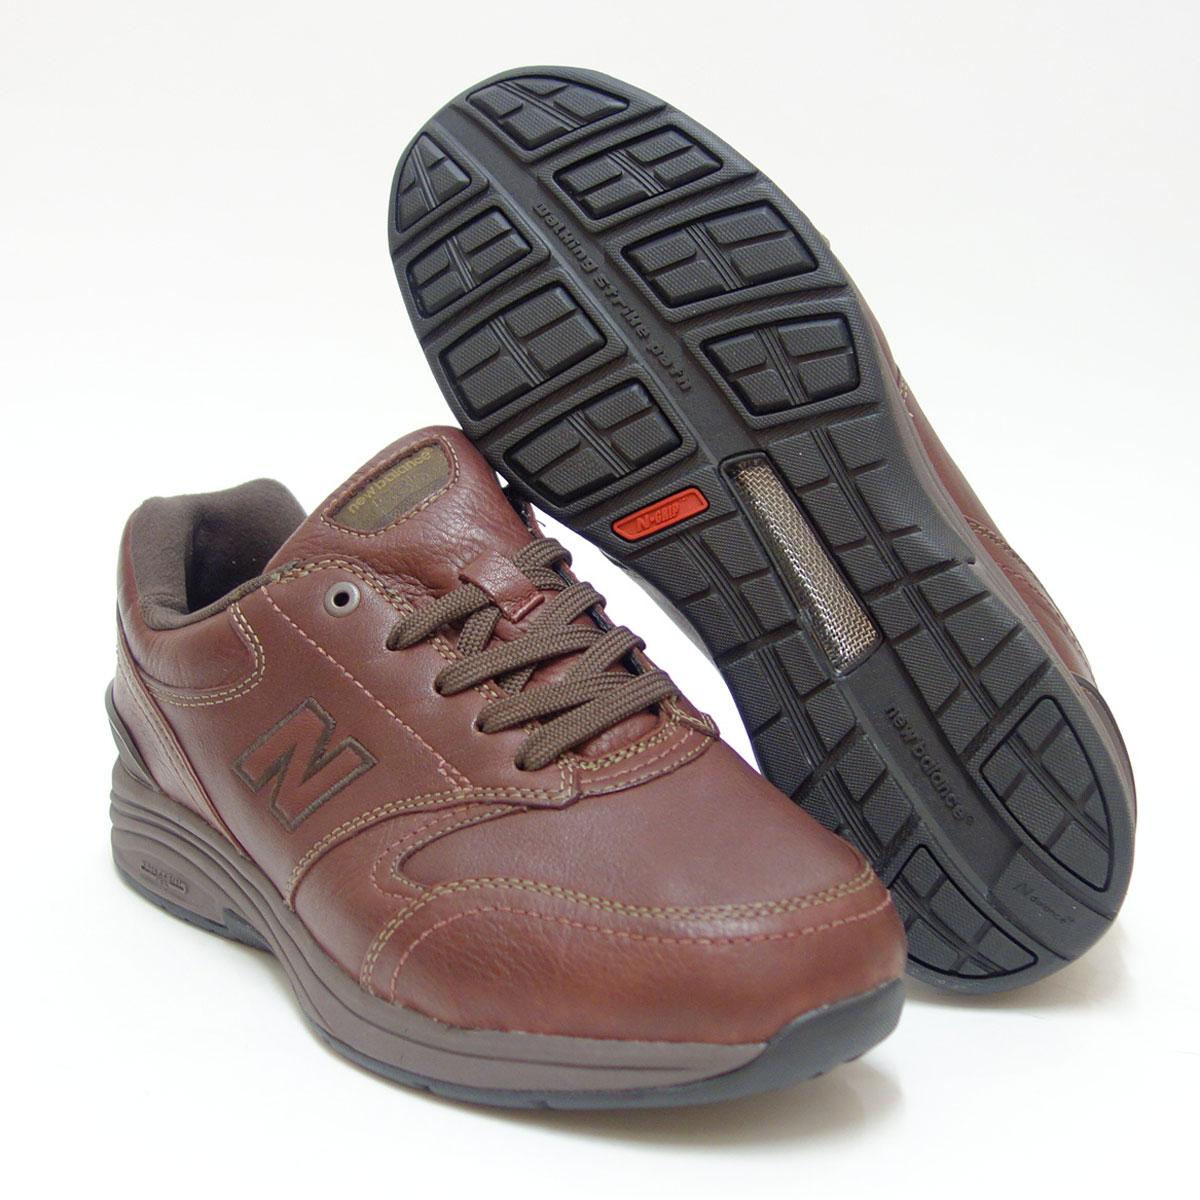 超ゆったりウォーキングシューズnew balance ニューバランス MW585 ウッドブラウン(メンズ)6E幅旅行などに最適、天然皮革・防水仕様「靴」 父の日 ギフト